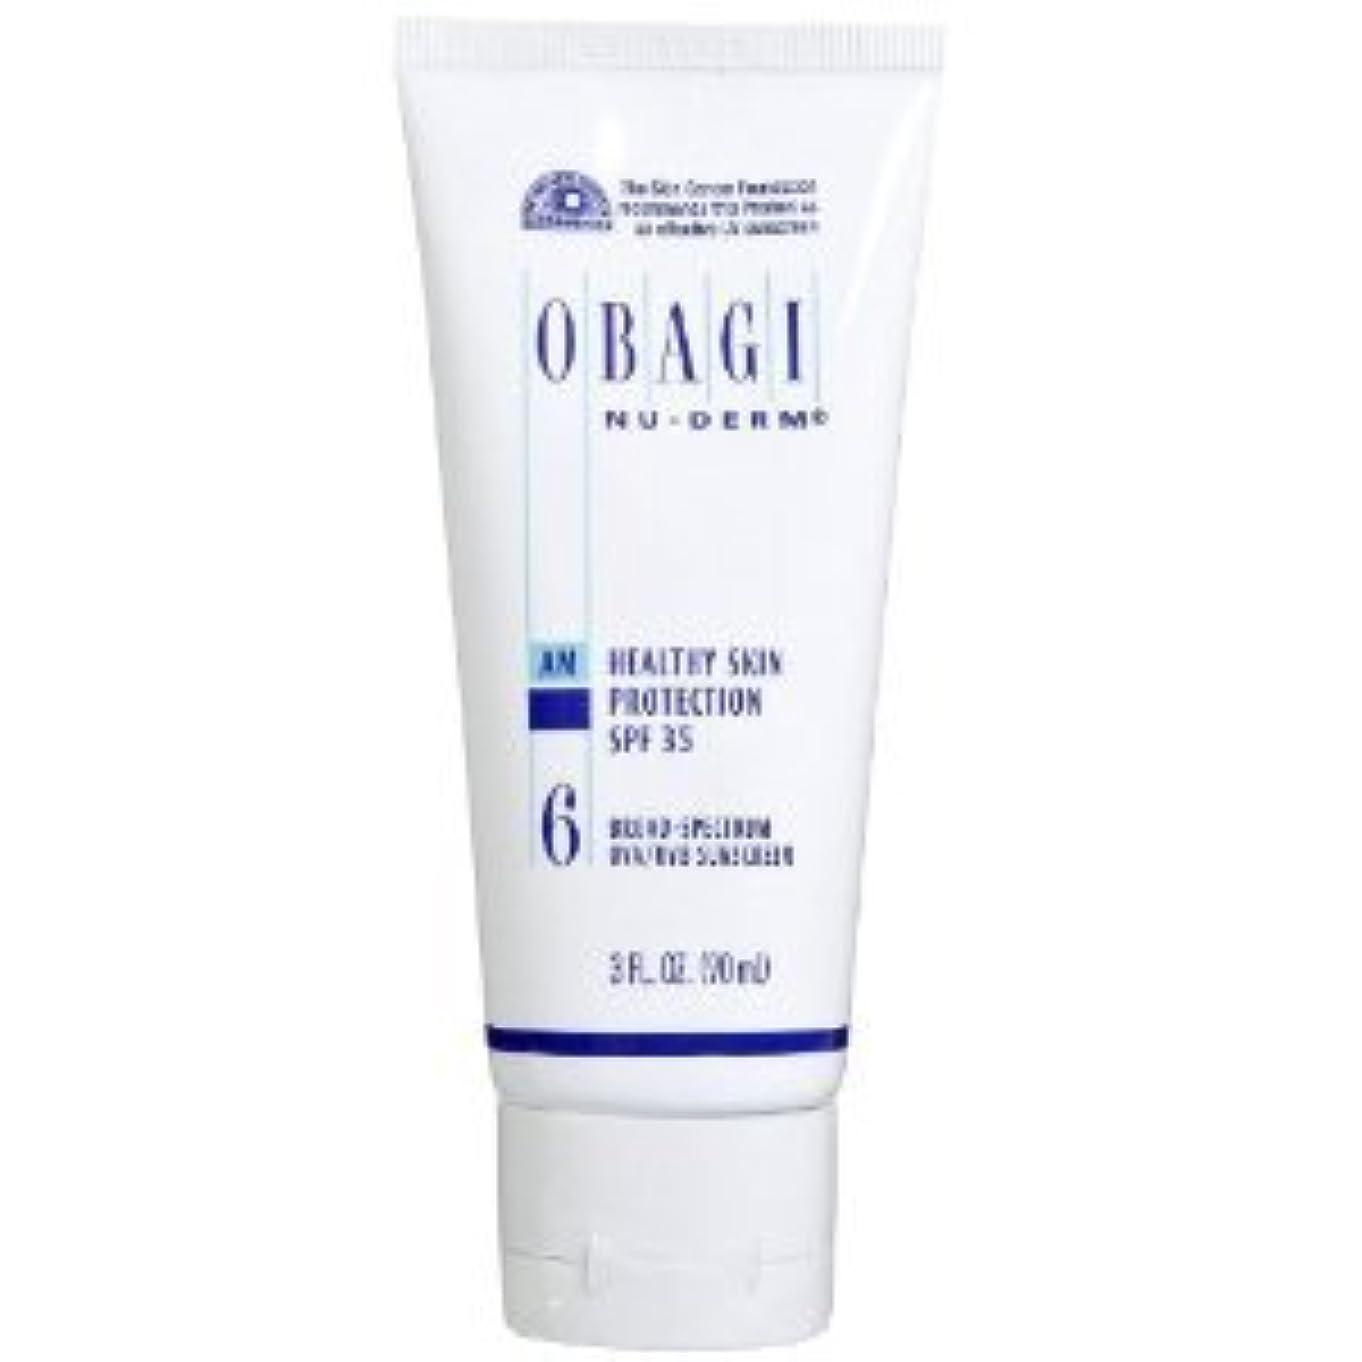 国勢調査腹部グローバルオバジ ニューダーム スキンプロテクション サンスクリーン(SPF35) Obagi Nu-Derm Healthy Skin Protection SPF 35 Sunscreens